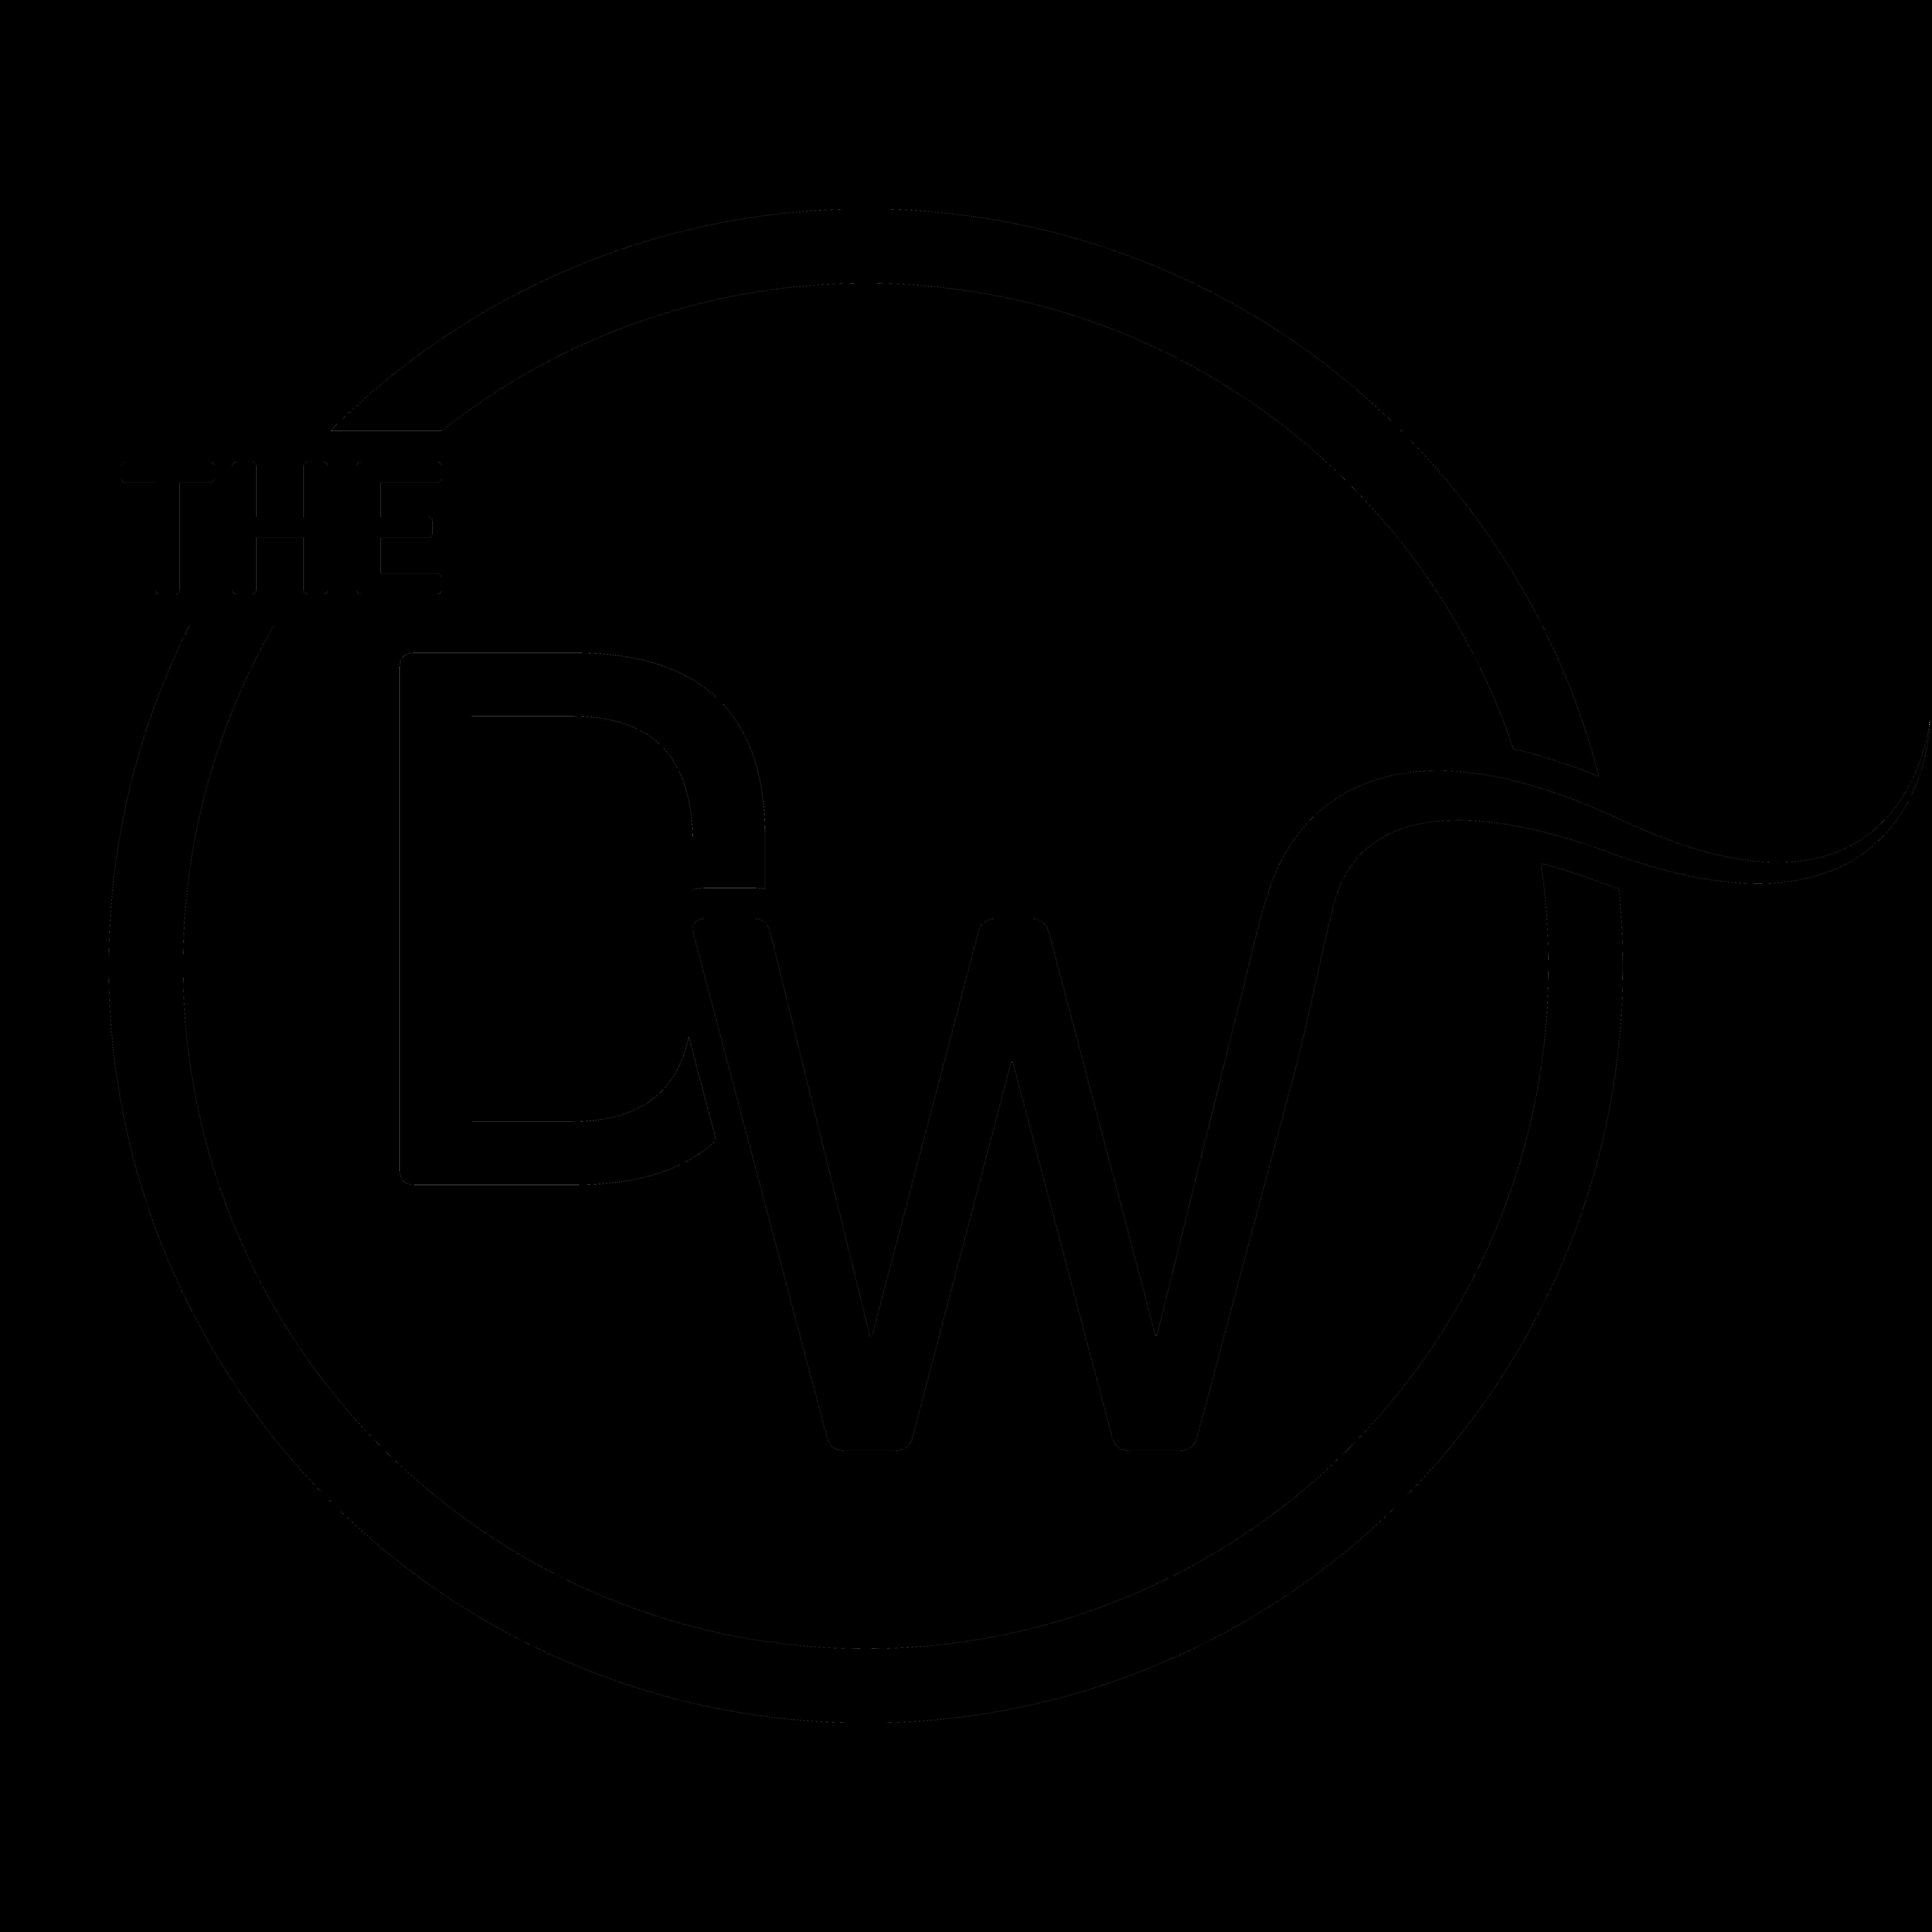 Designer whisper logo